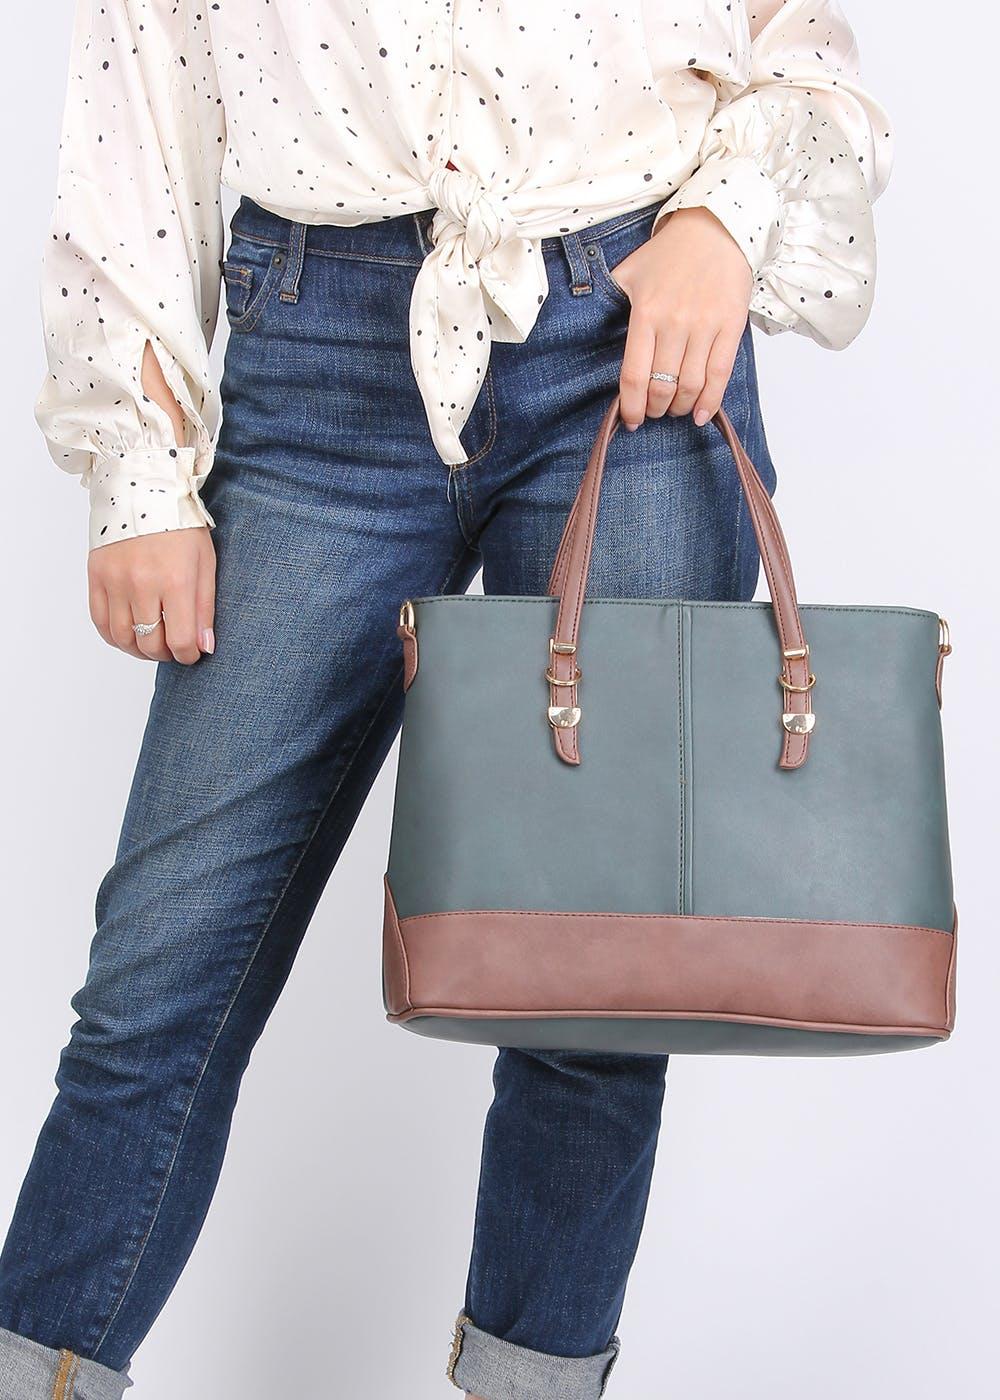 Contrast Handles Detail Formal Handbag - Green